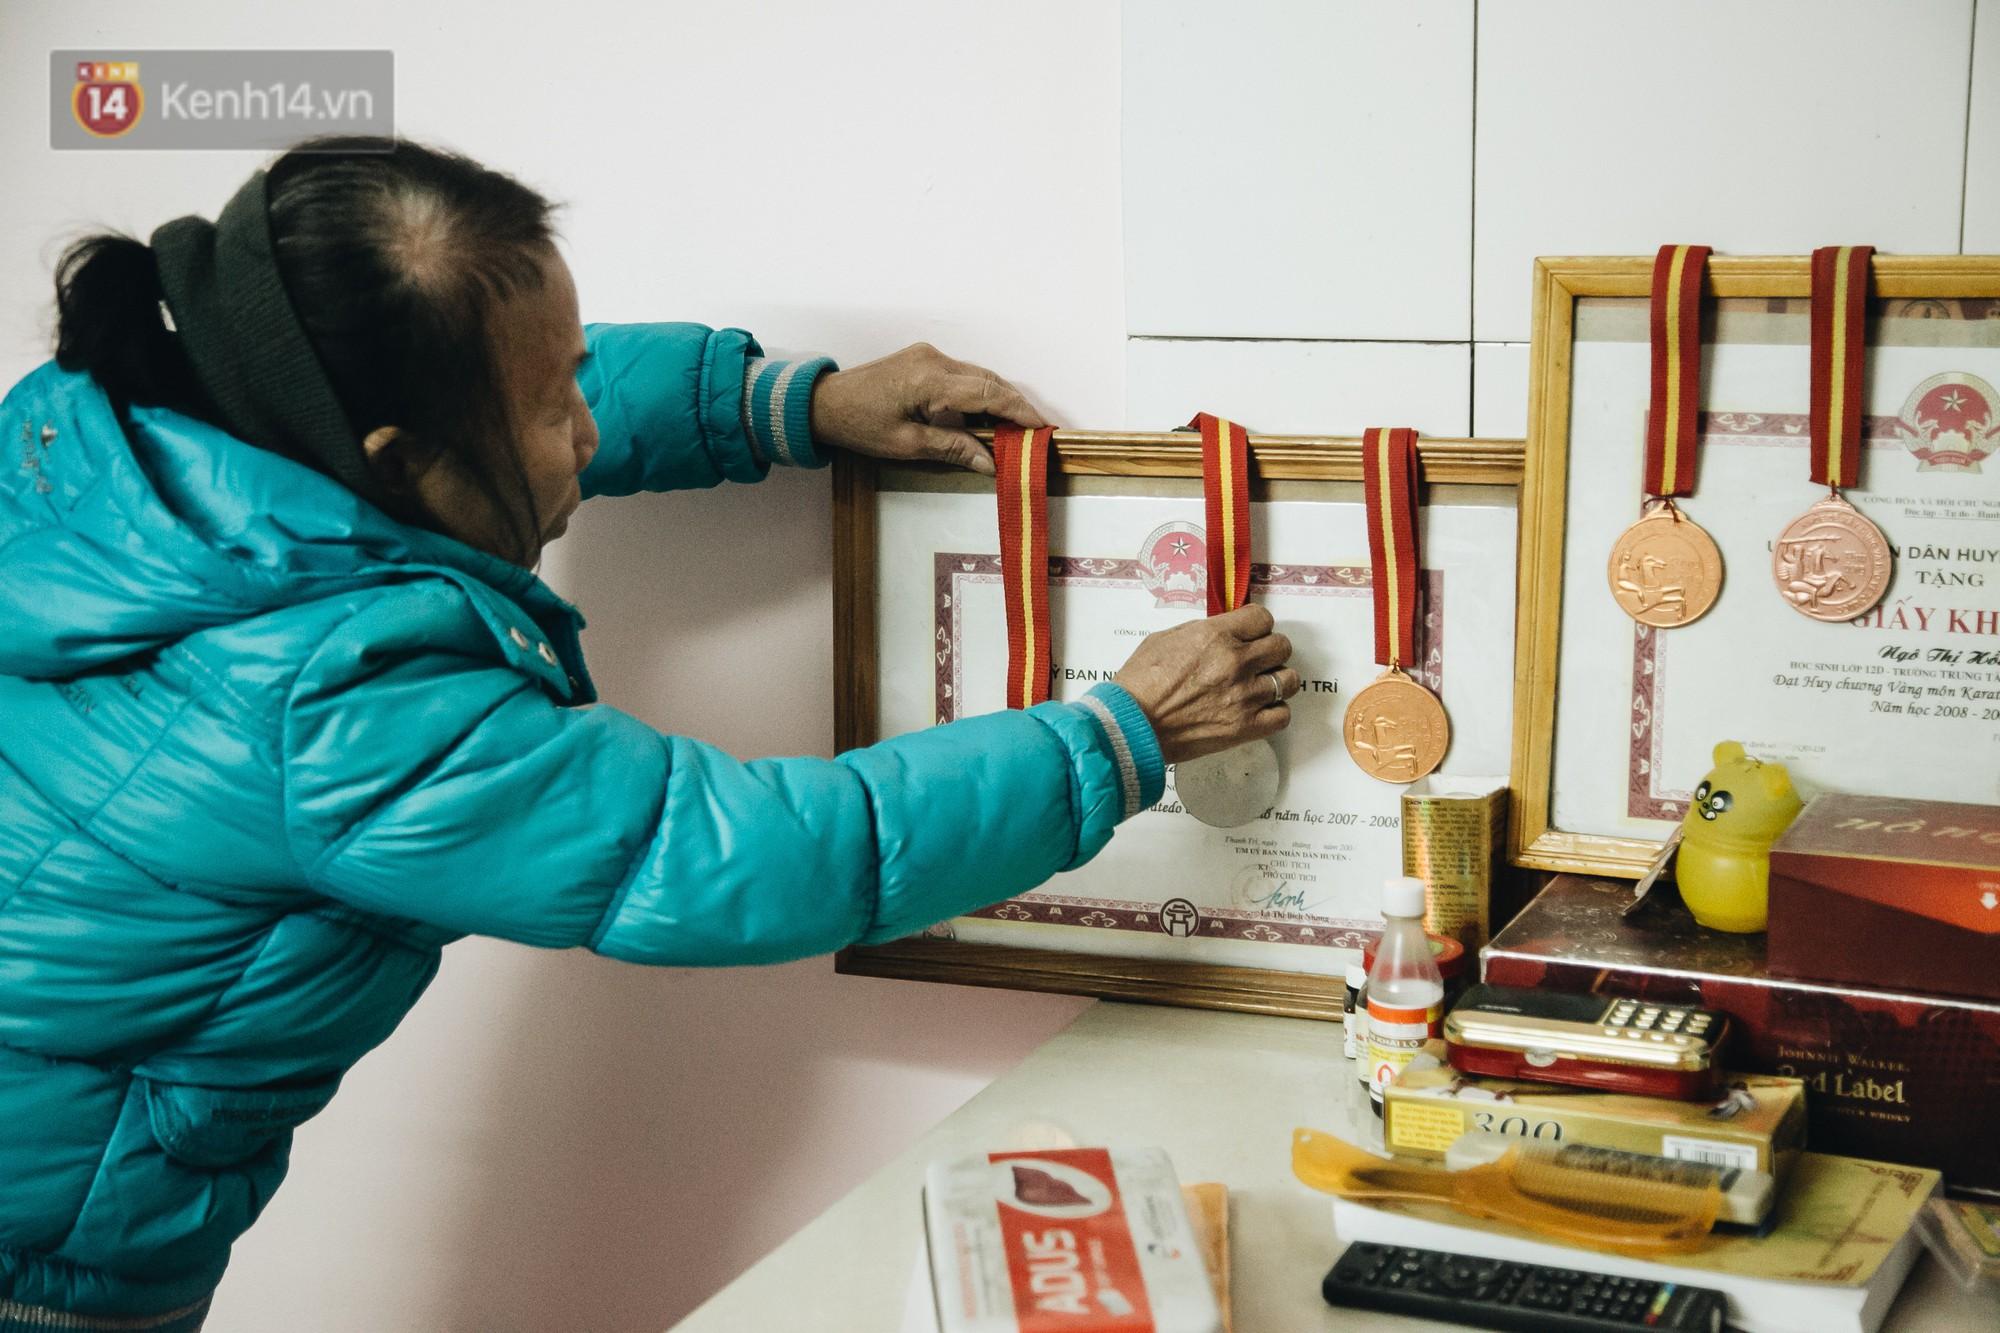 Bi kịch của cô gái vàng Karatedo Việt Nam: Bại liệt ở tuổi 20, từng nhiều lần tự tử và từ bỏ mối tình đẹp để người yêu kiếm hạnh phúc mới - Ảnh 6.